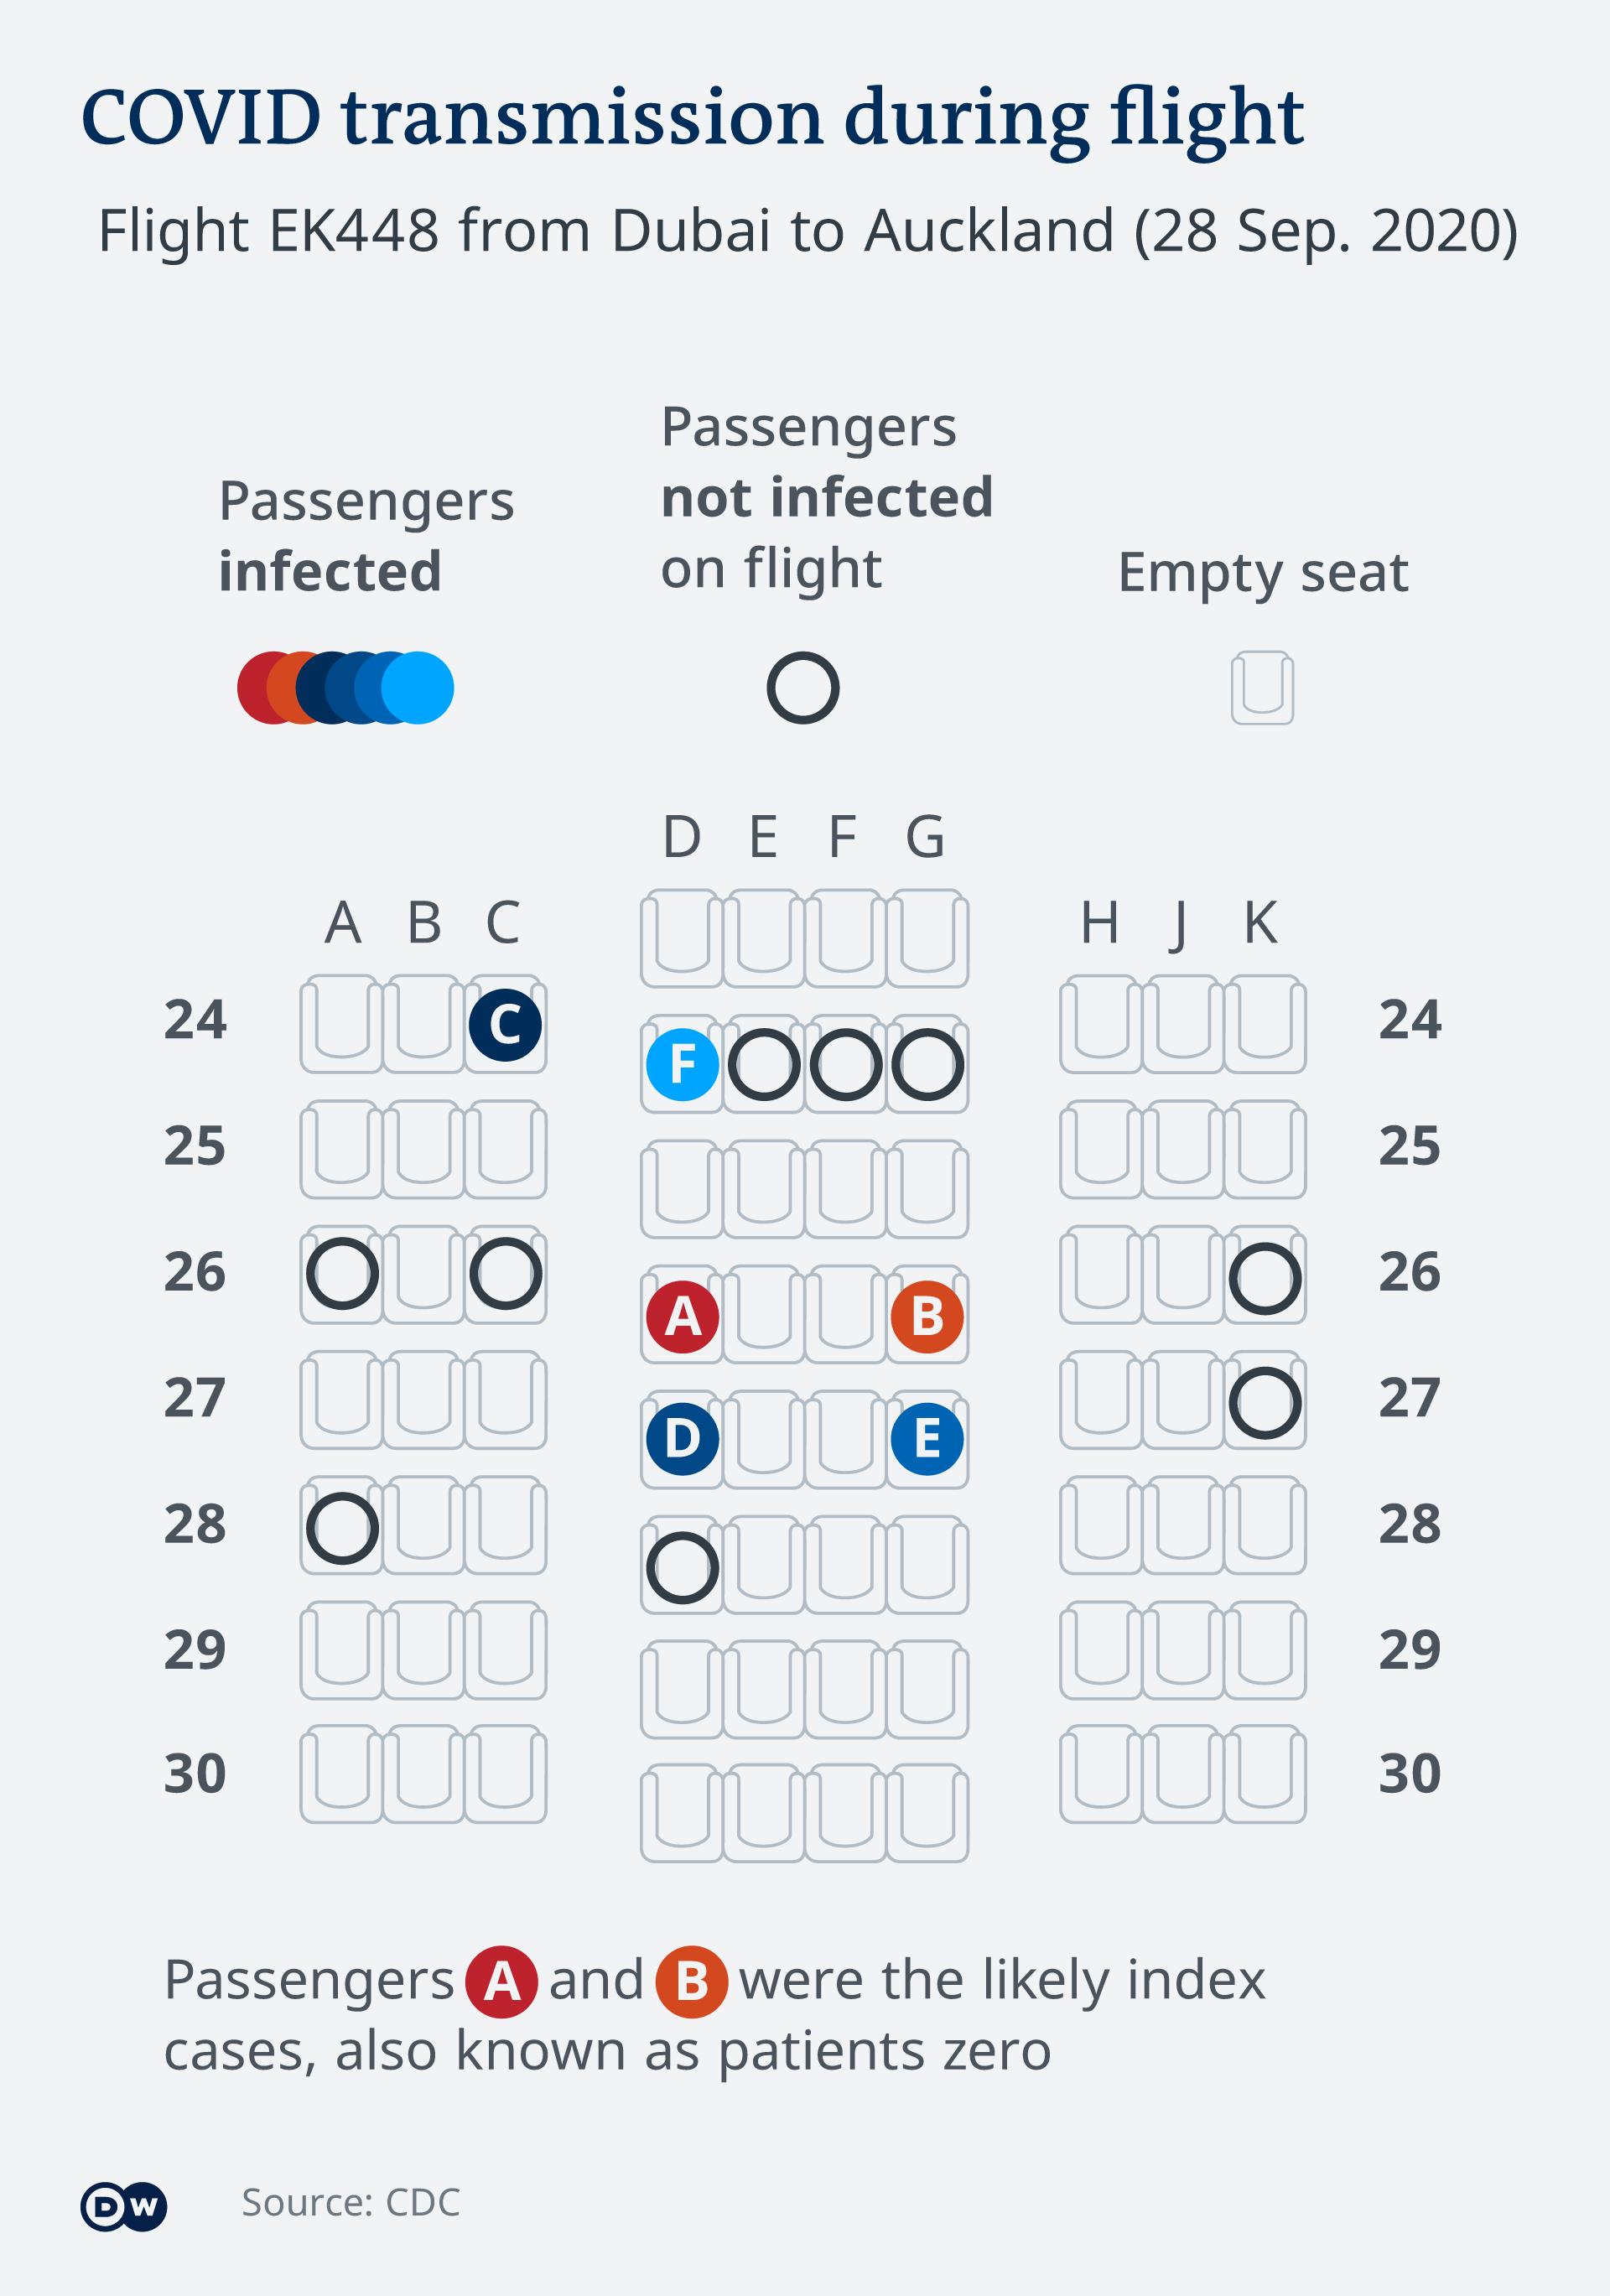 Μετάδοση ιού σε πτήση, γράφημα